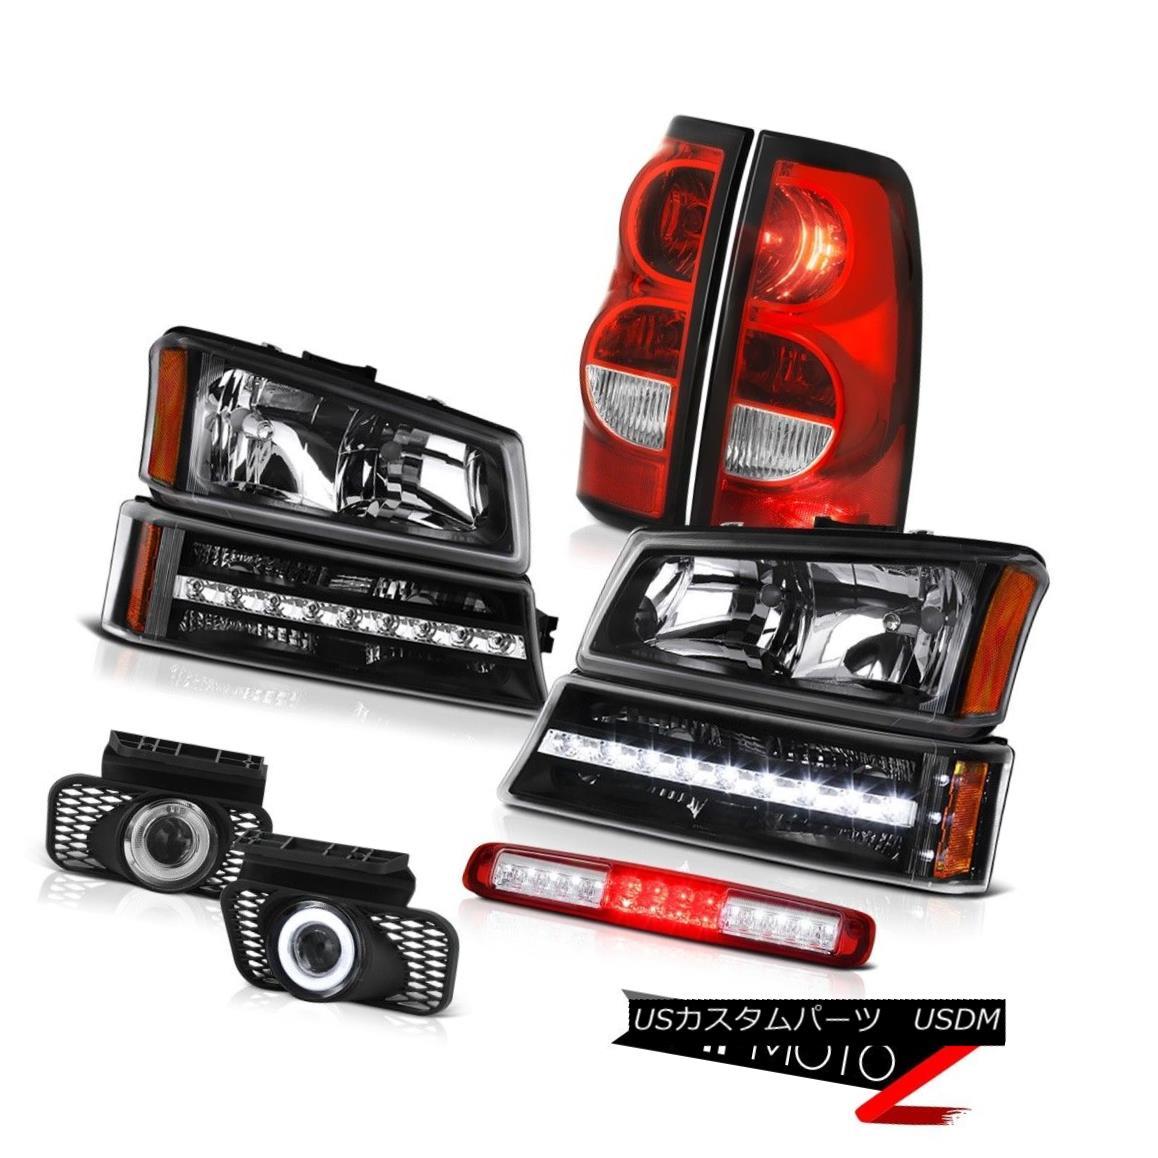 テールライト 03-06 Silverado 1500 Red Roof Brake Lamp Foglights Tail Lights Signal Headlights 03-06 Silverado 1500赤い屋根のブレーキランプフォグライトテールライト信号ヘッドライト